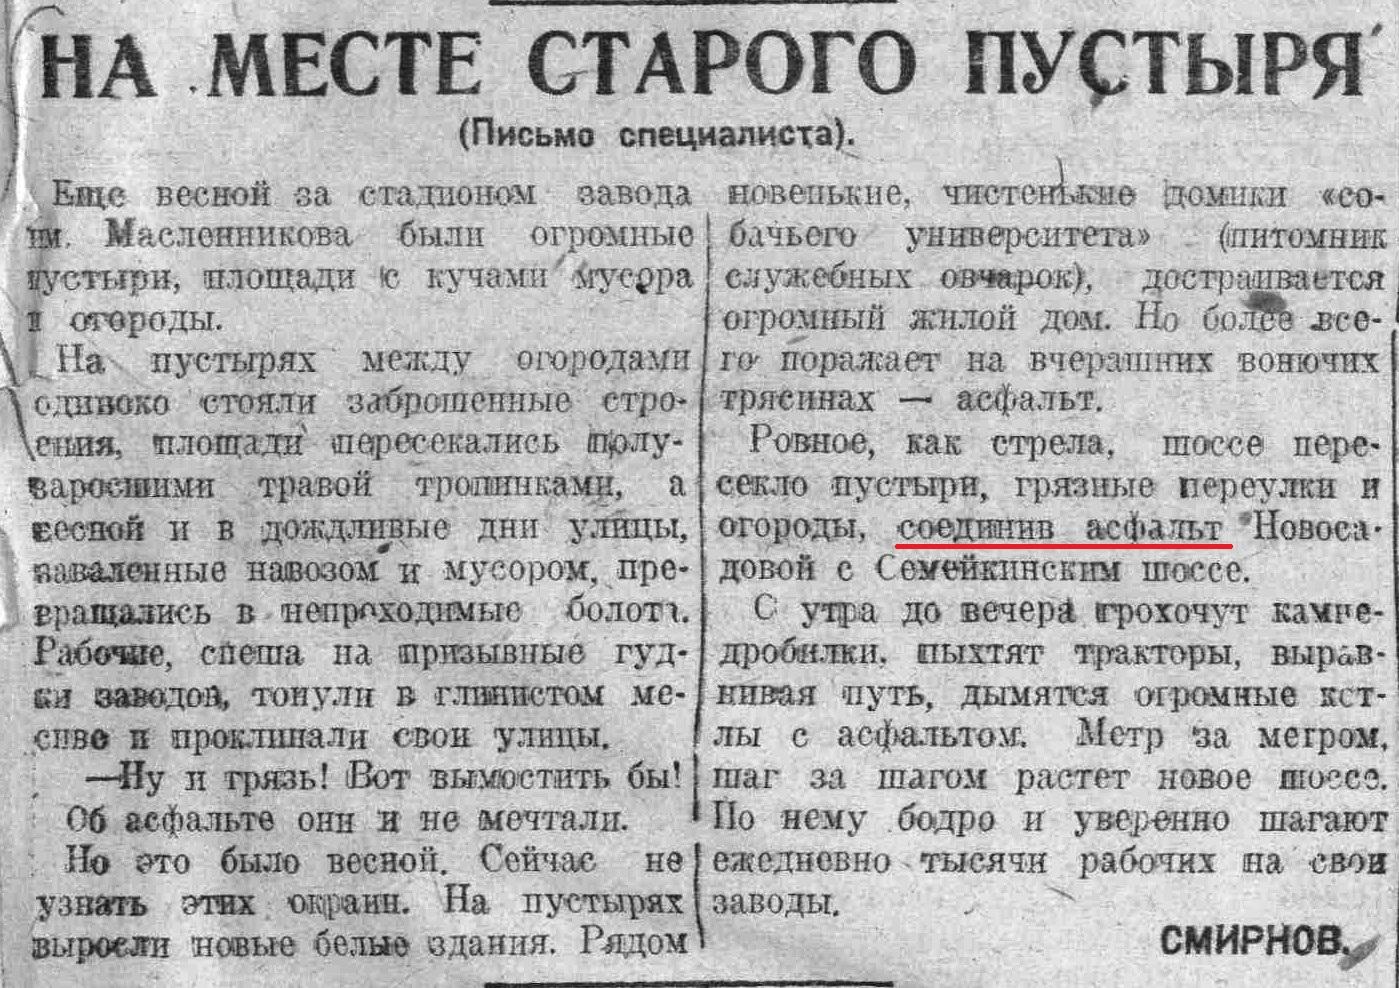 ФОТО-Масленникова-03-ВКа-1935-09-27-о создании пр. Маслен.